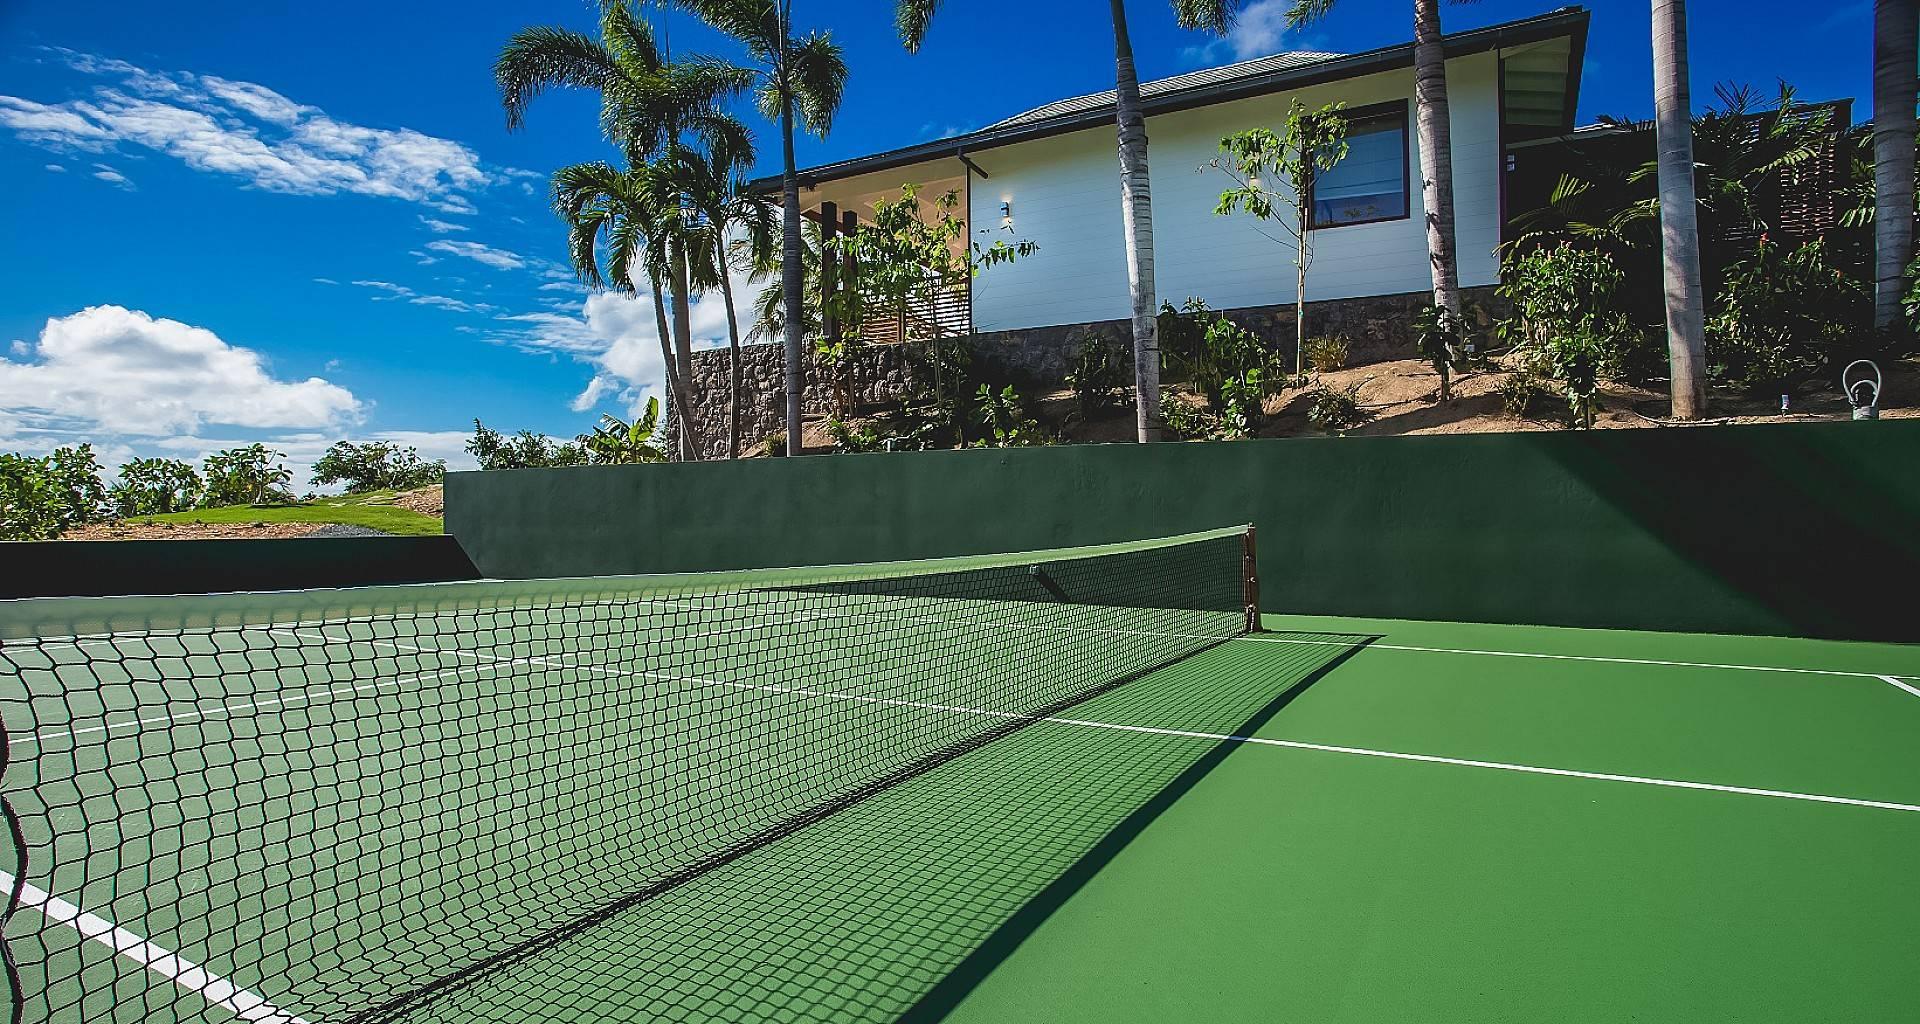 Villa Maison Blanc Bleu Tennis Court